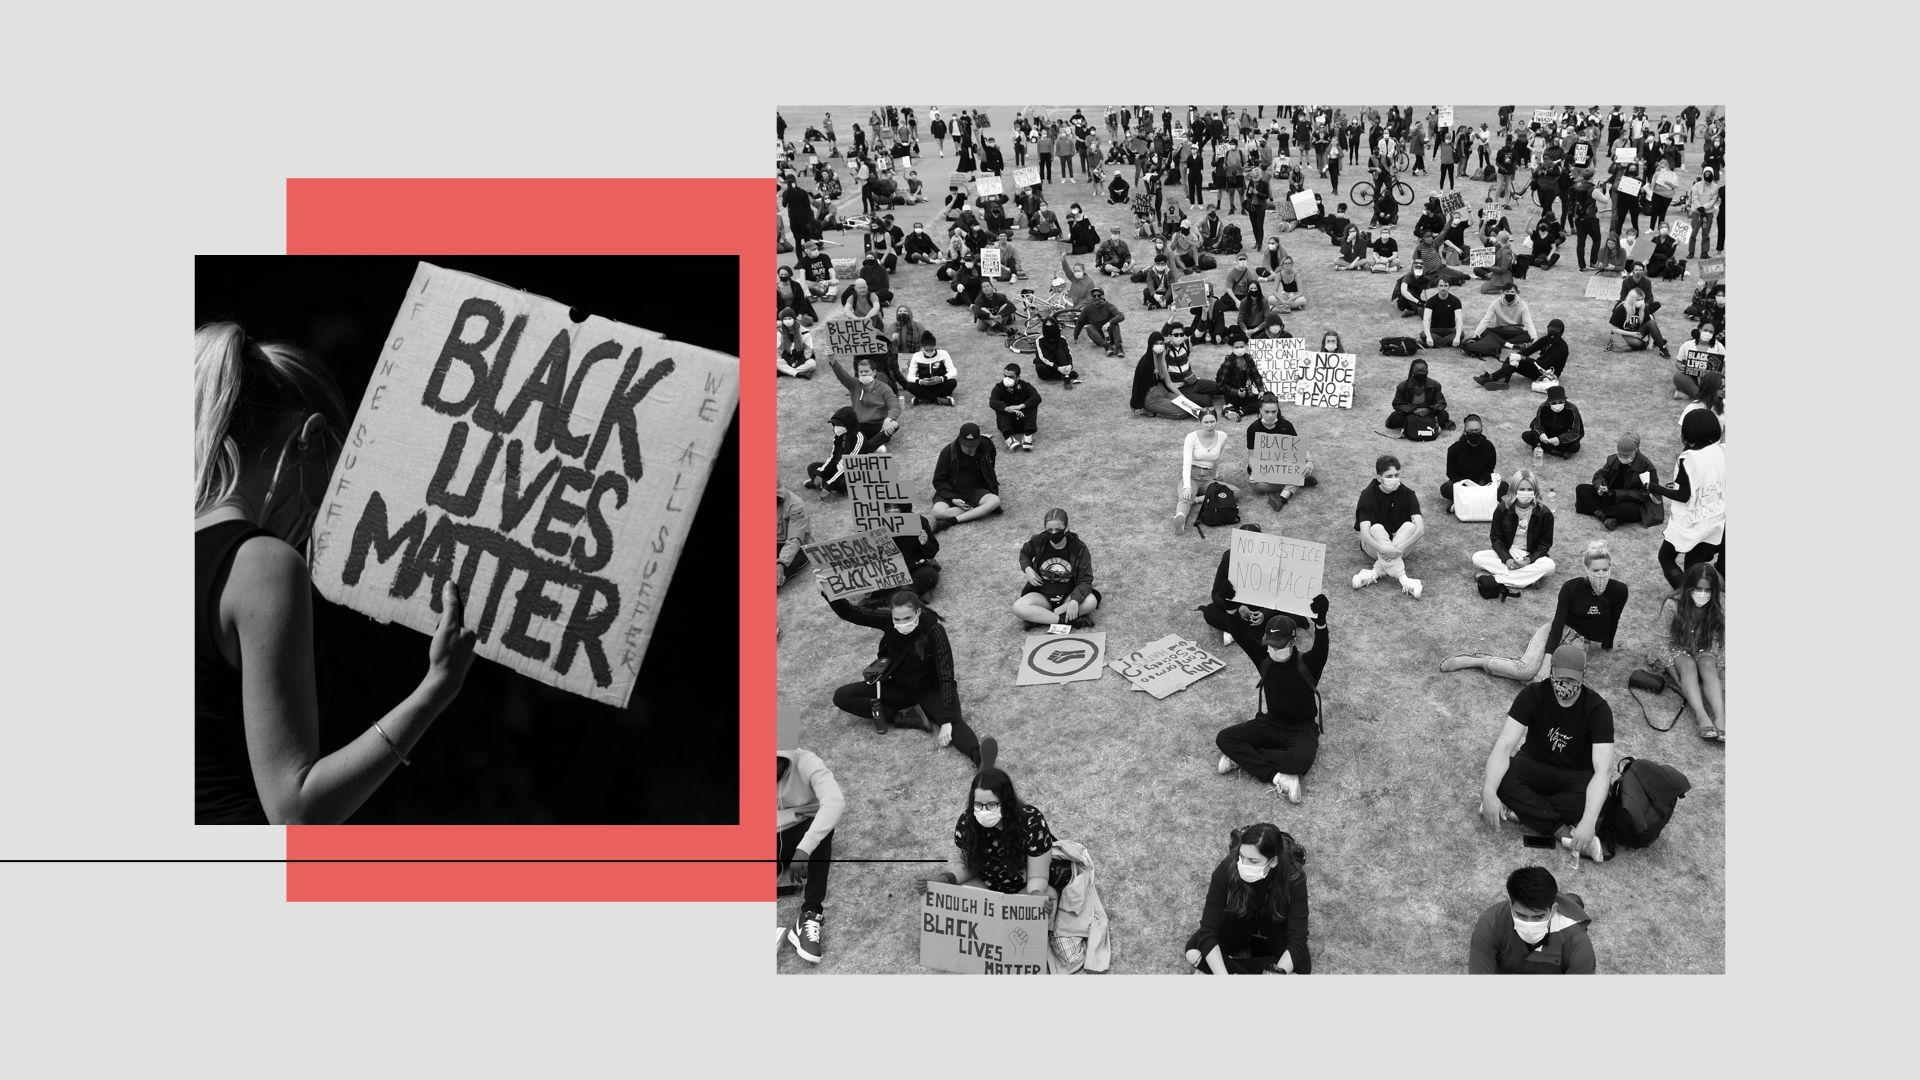 black lives matter symbol